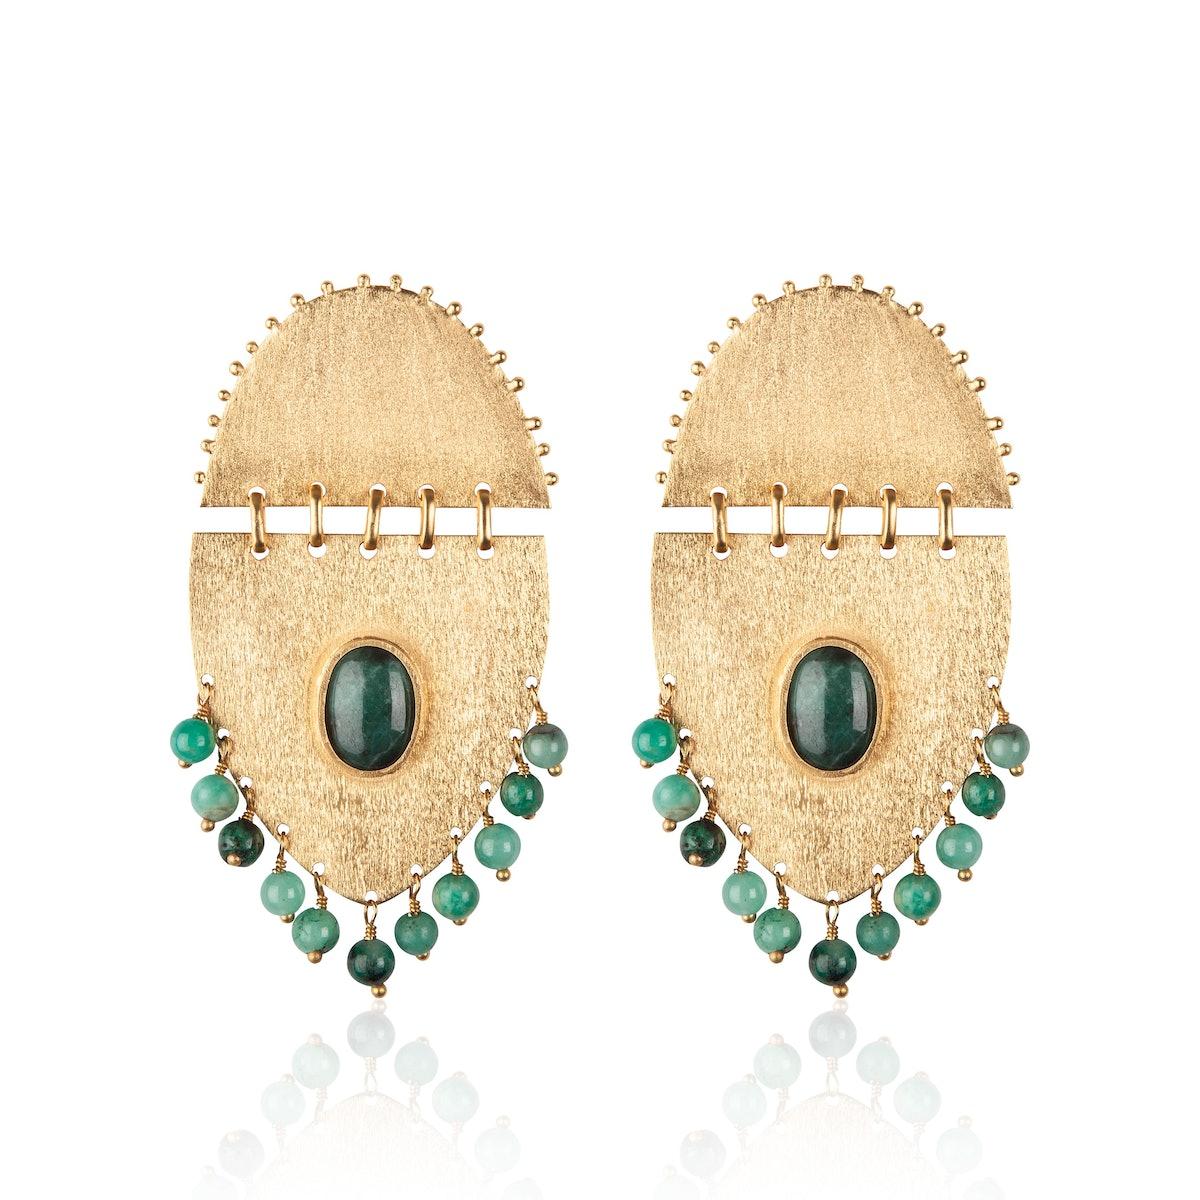 Paula Mendoza earrings